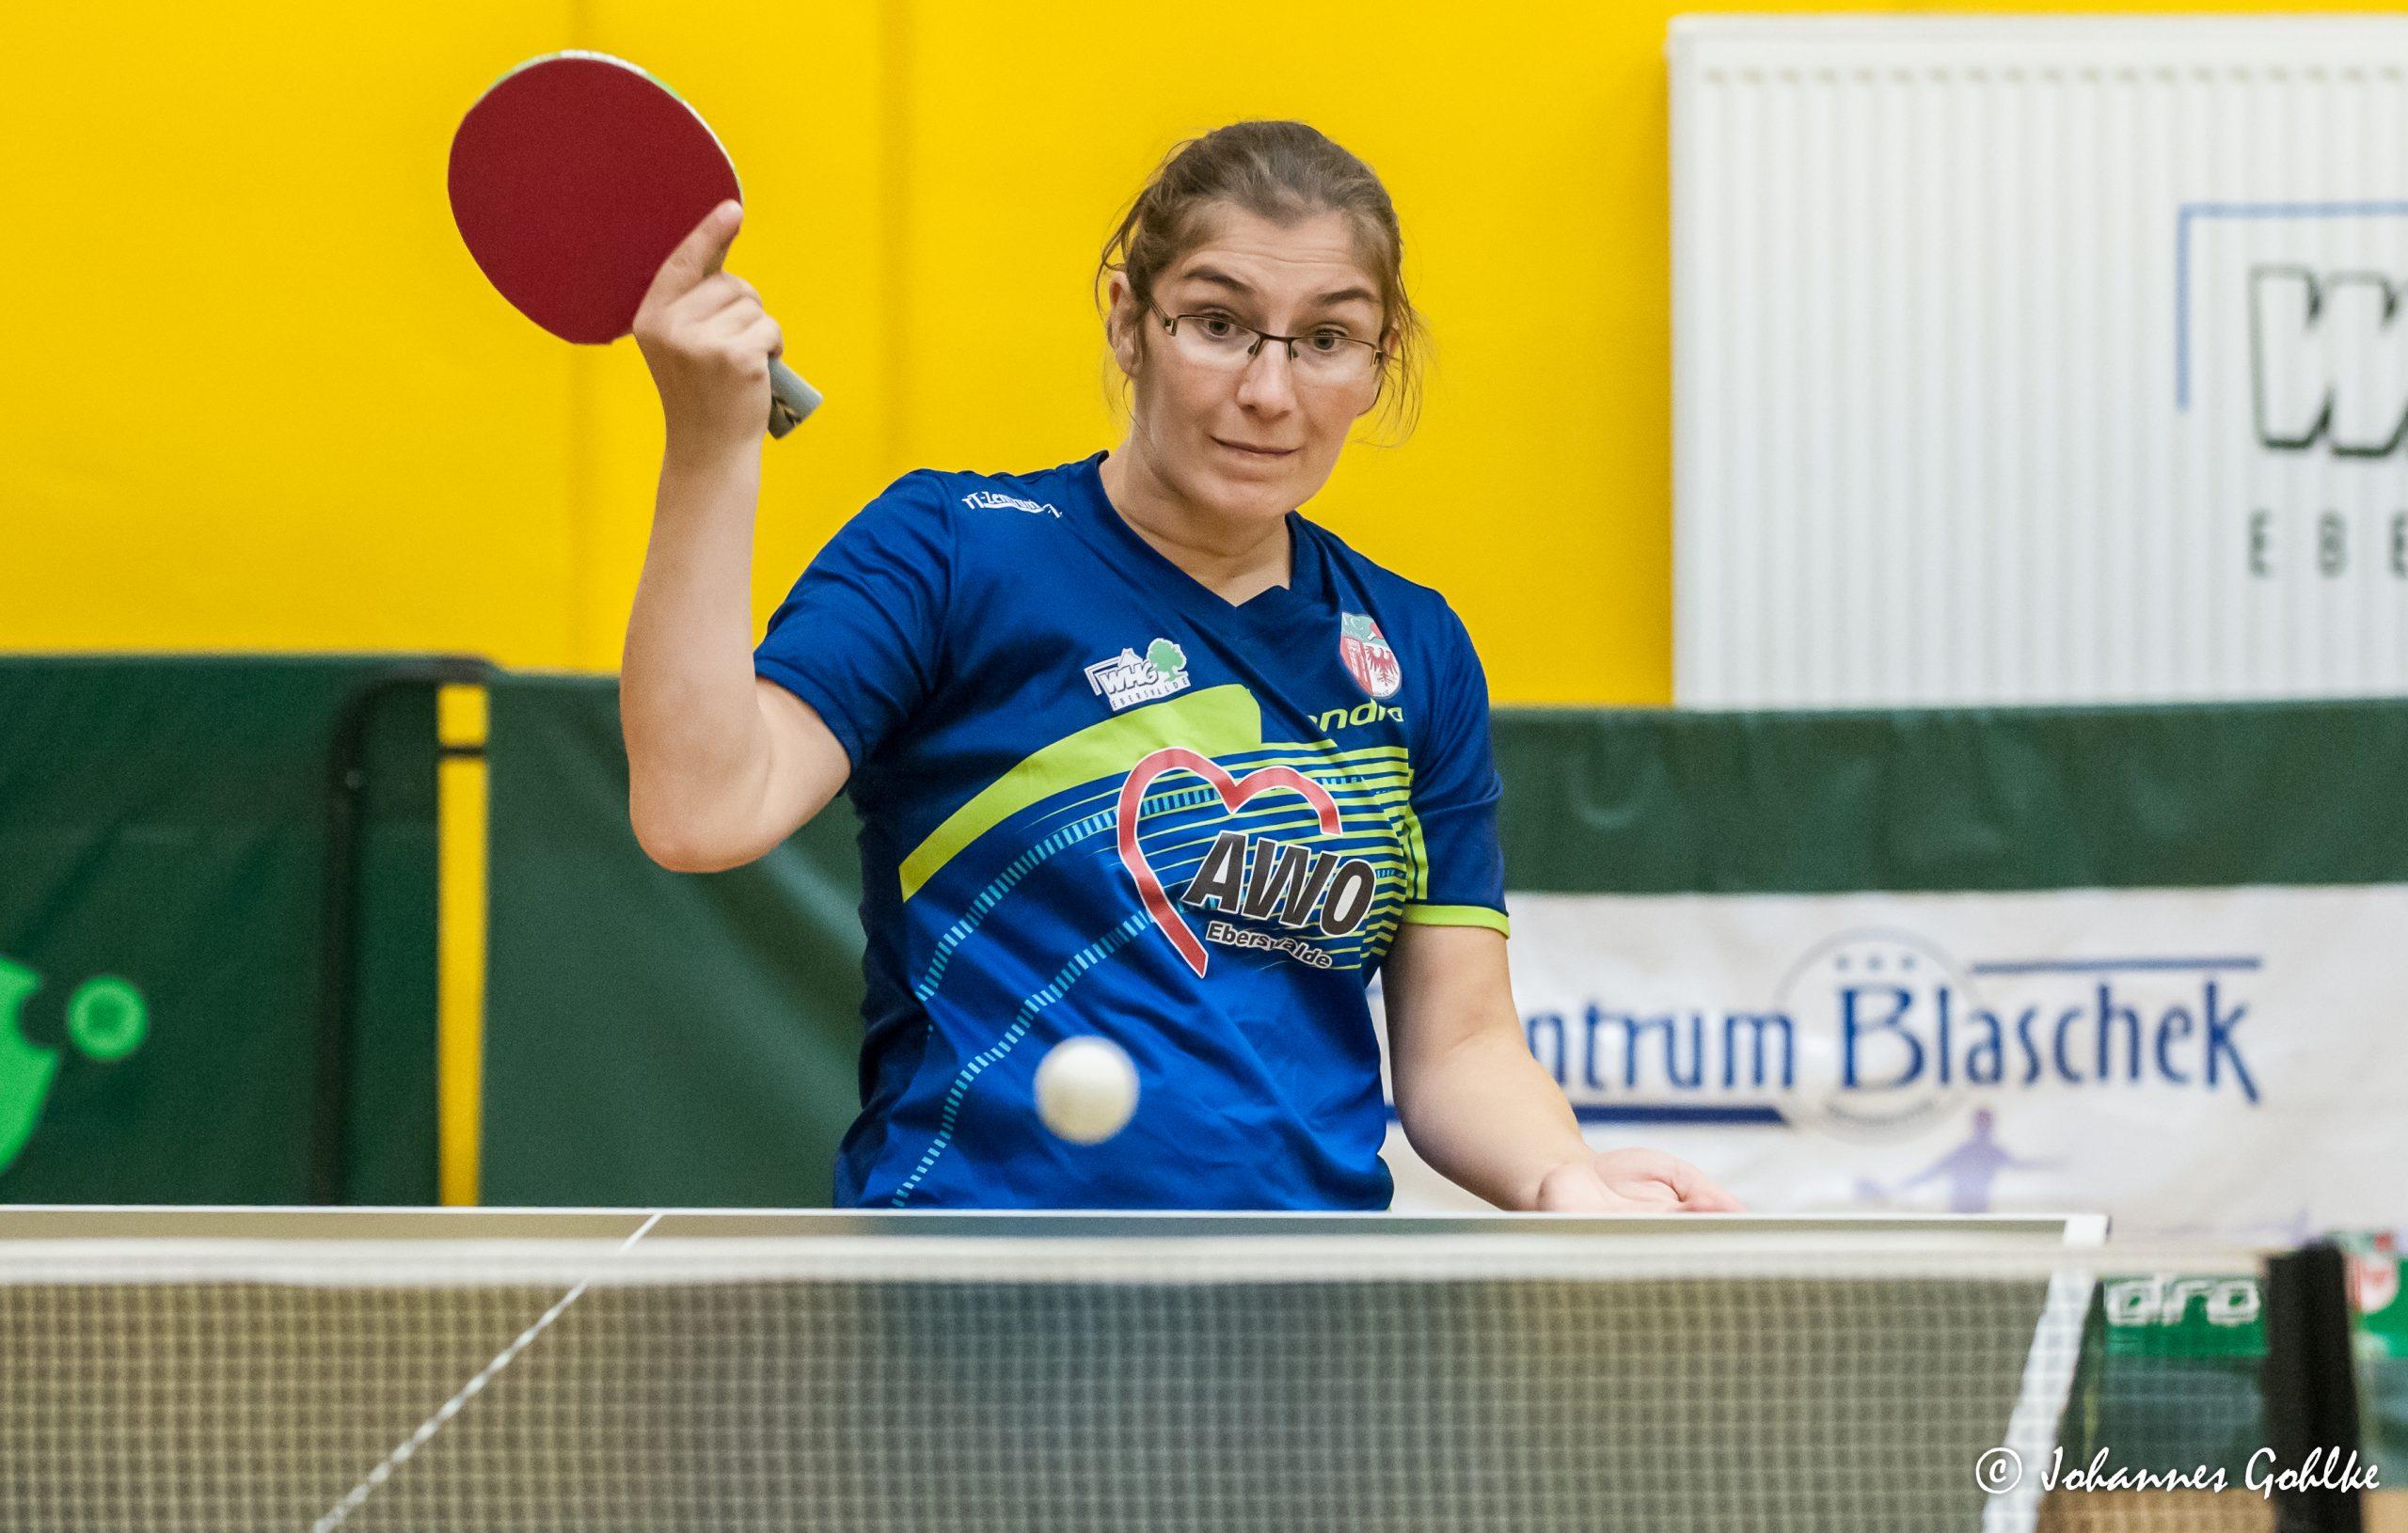 Claudia Petereit